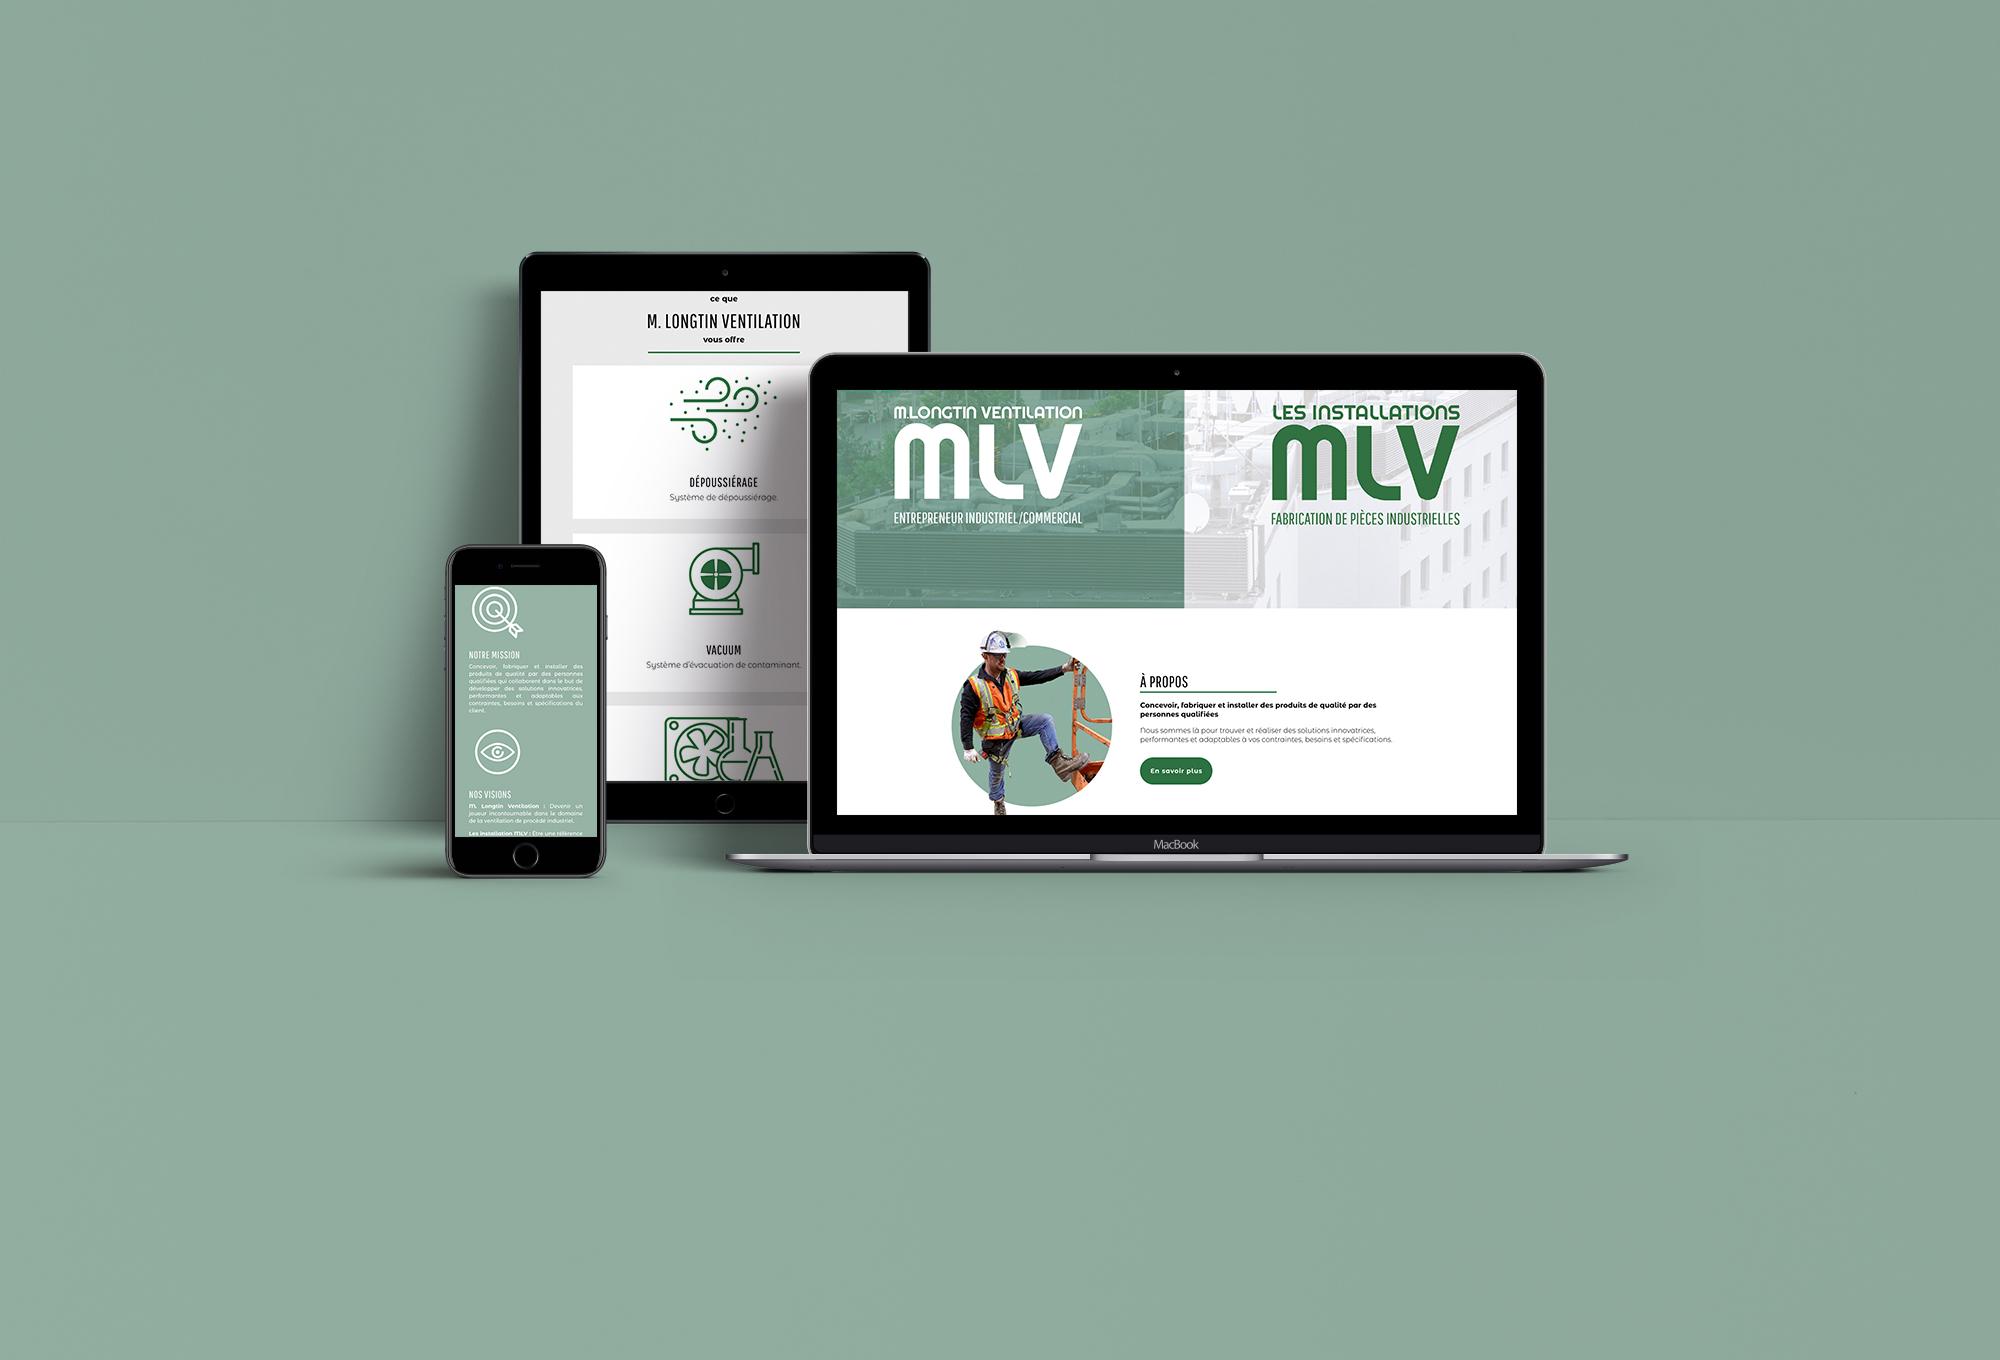 MLV-inc